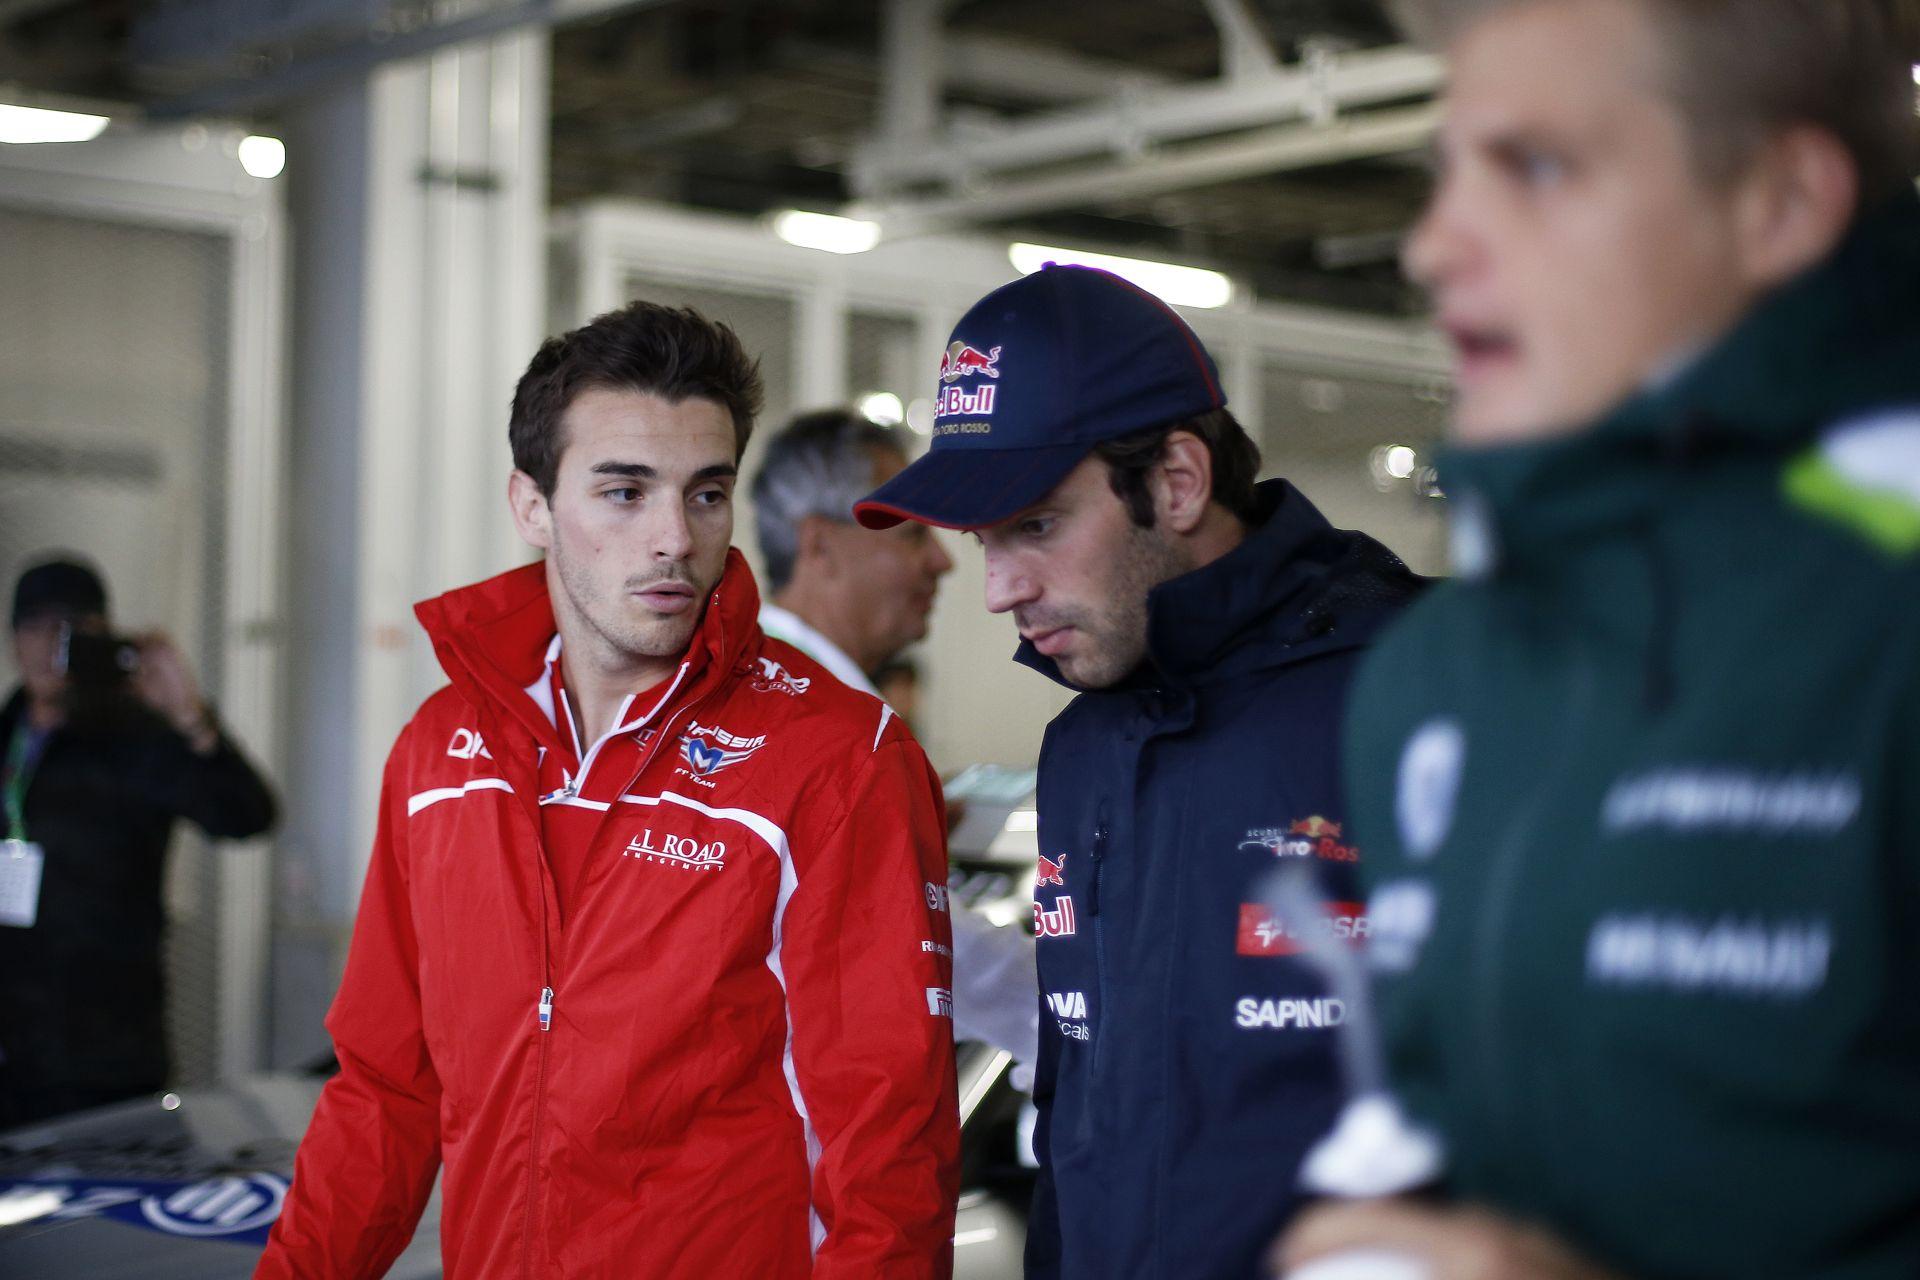 Bild: Bianchi még mindig kómában van